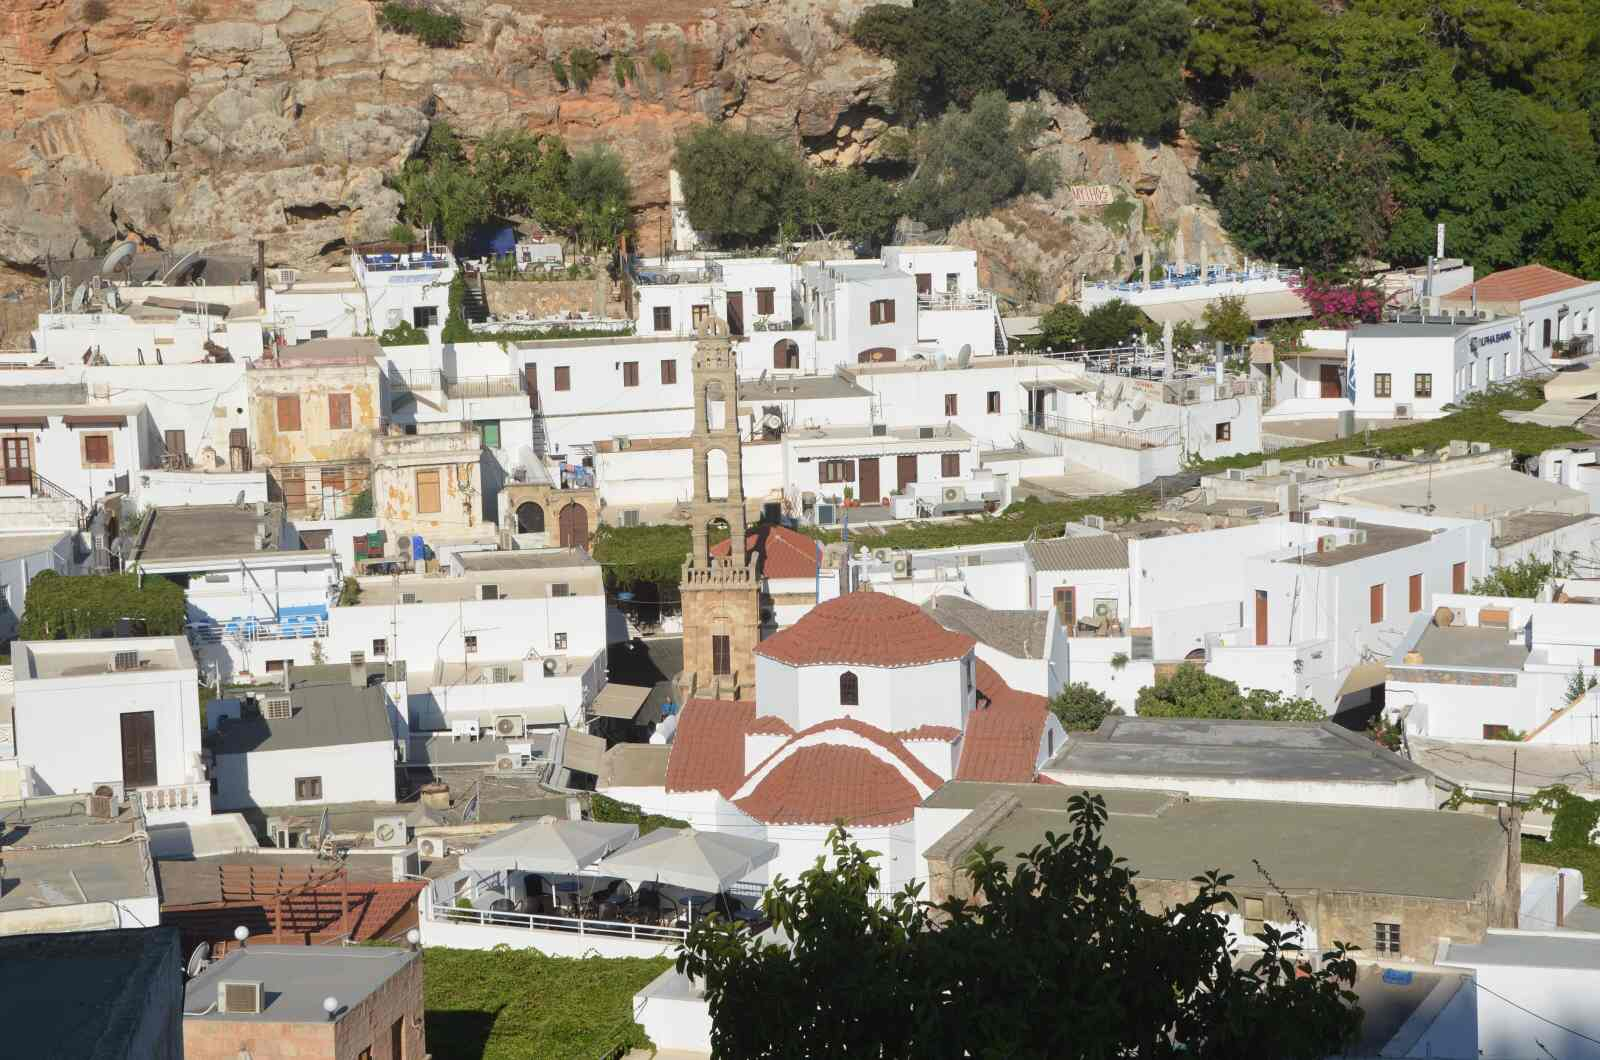 Foto 5: Pohled na městečko Lindos, Řecko, Rhodos